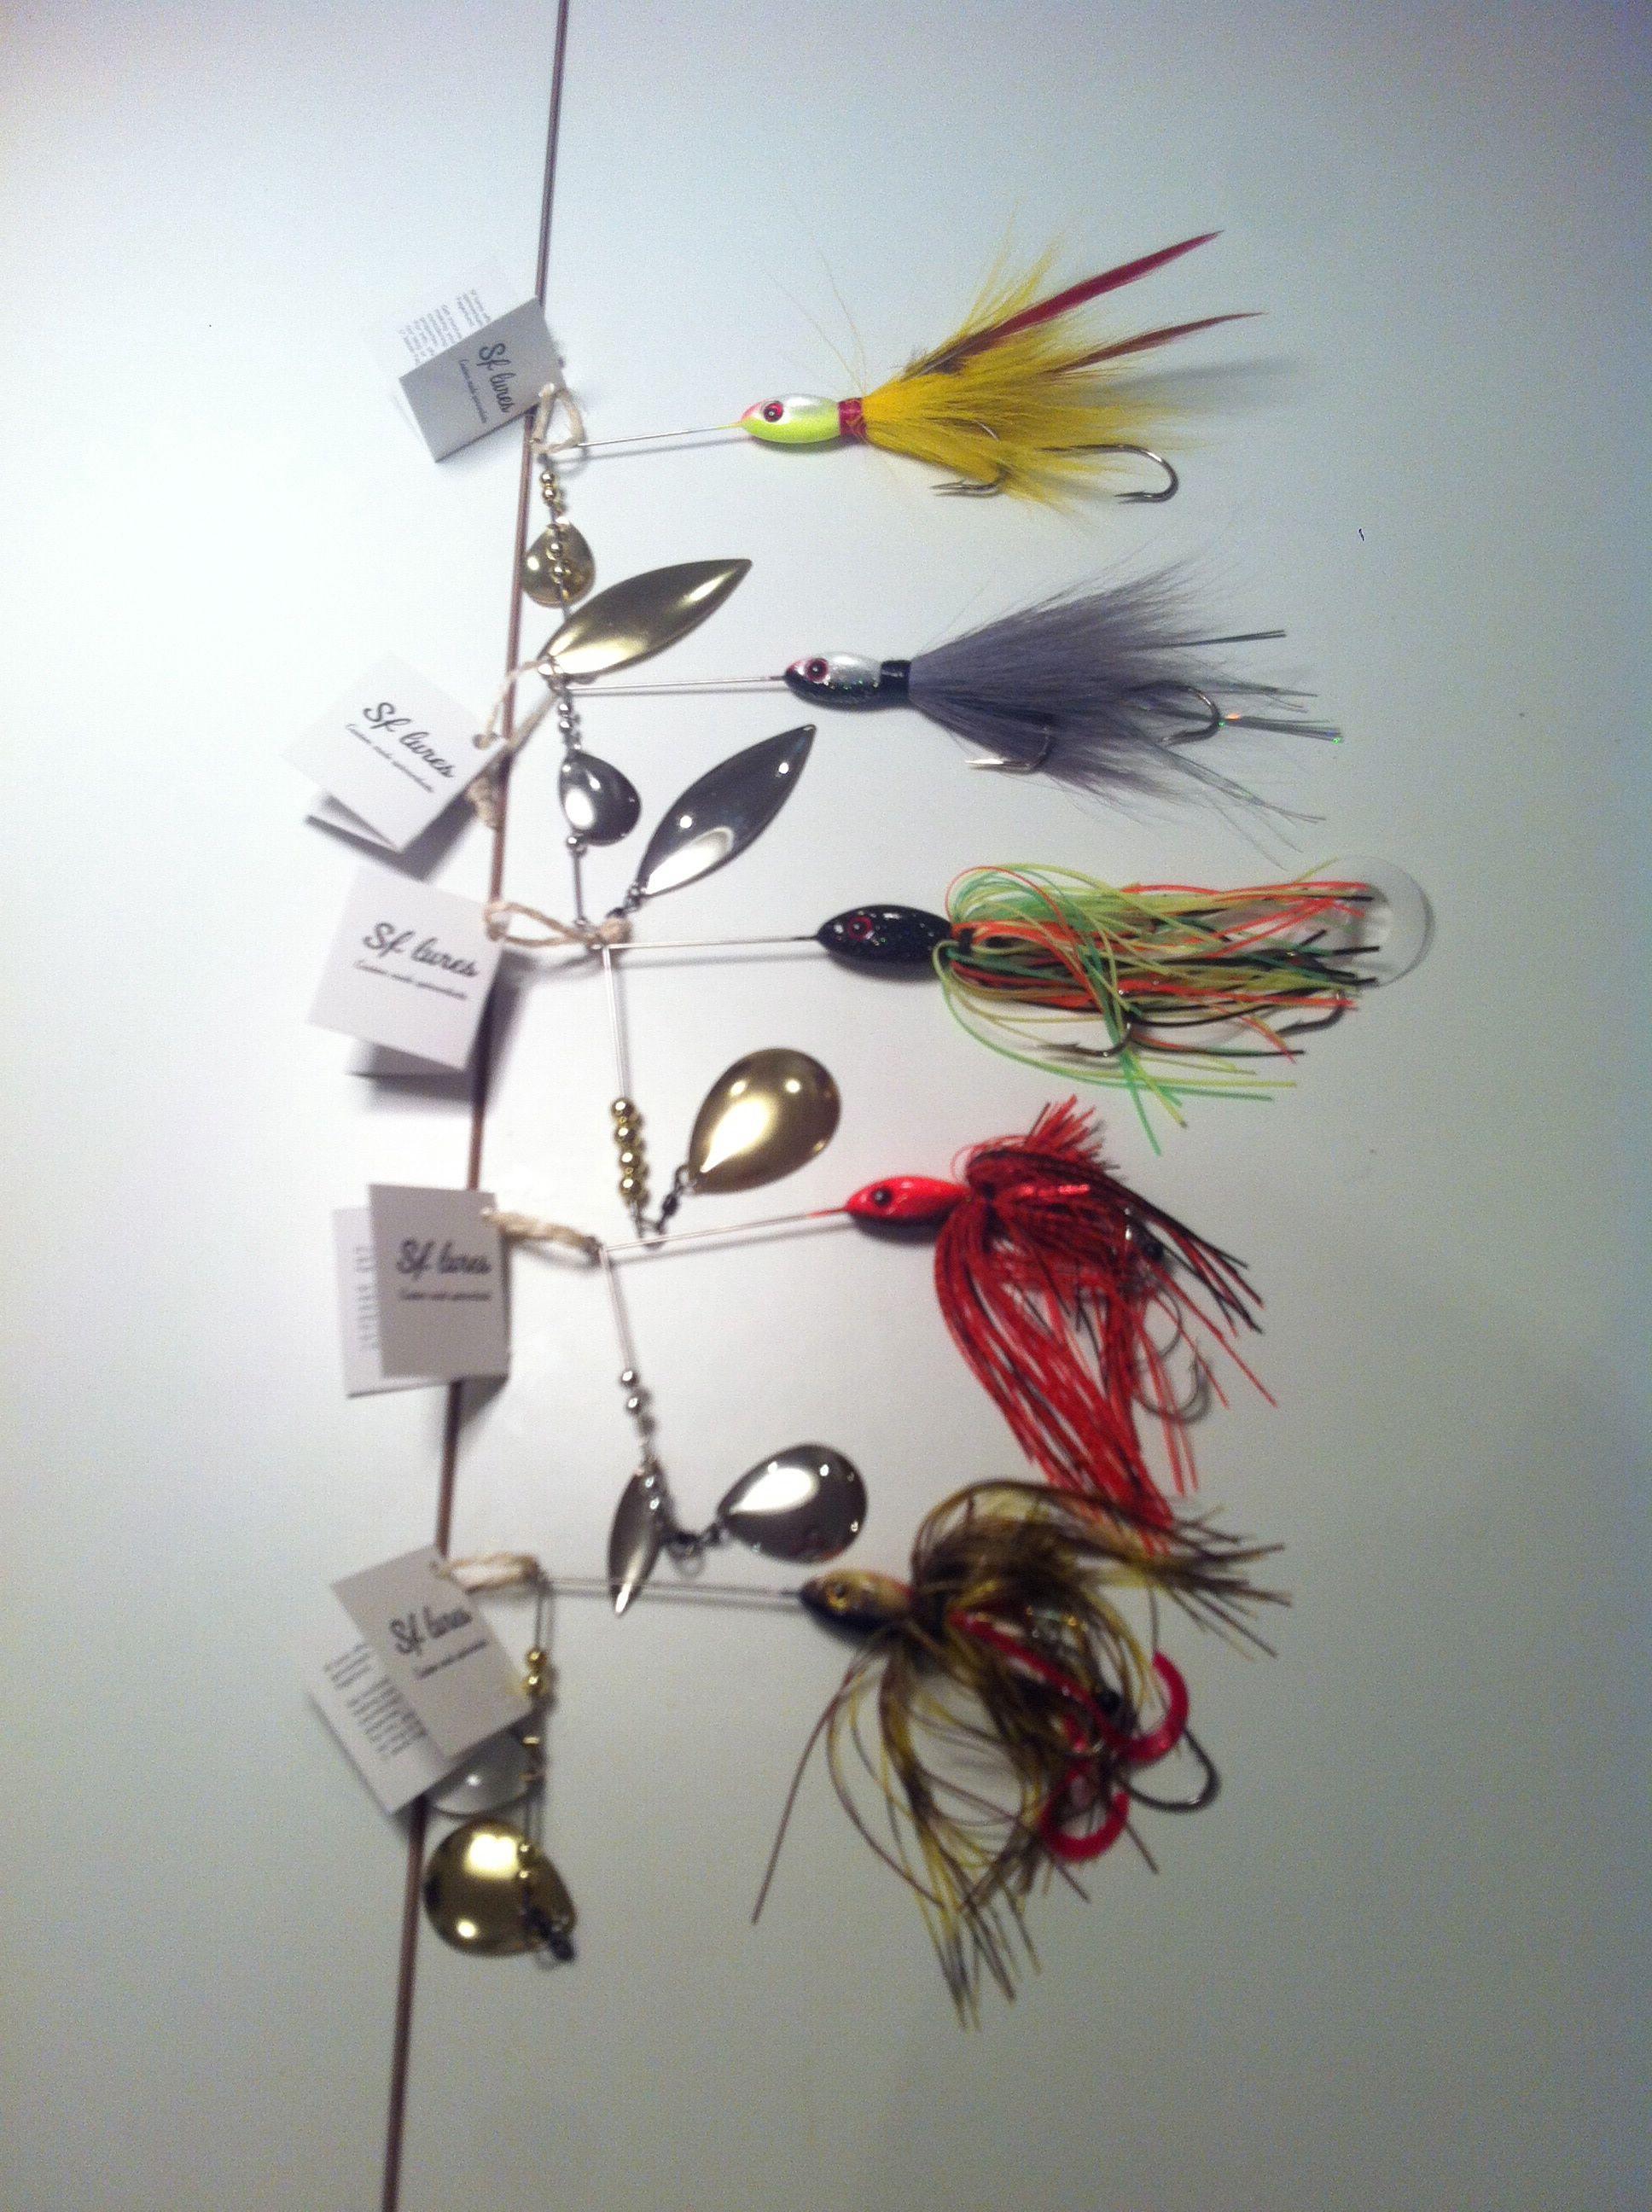 5 nya favoriter - 2 bucktail 55+, 2 rubberskirt 55+ och en 82+. Gäddorna kommer älska detta